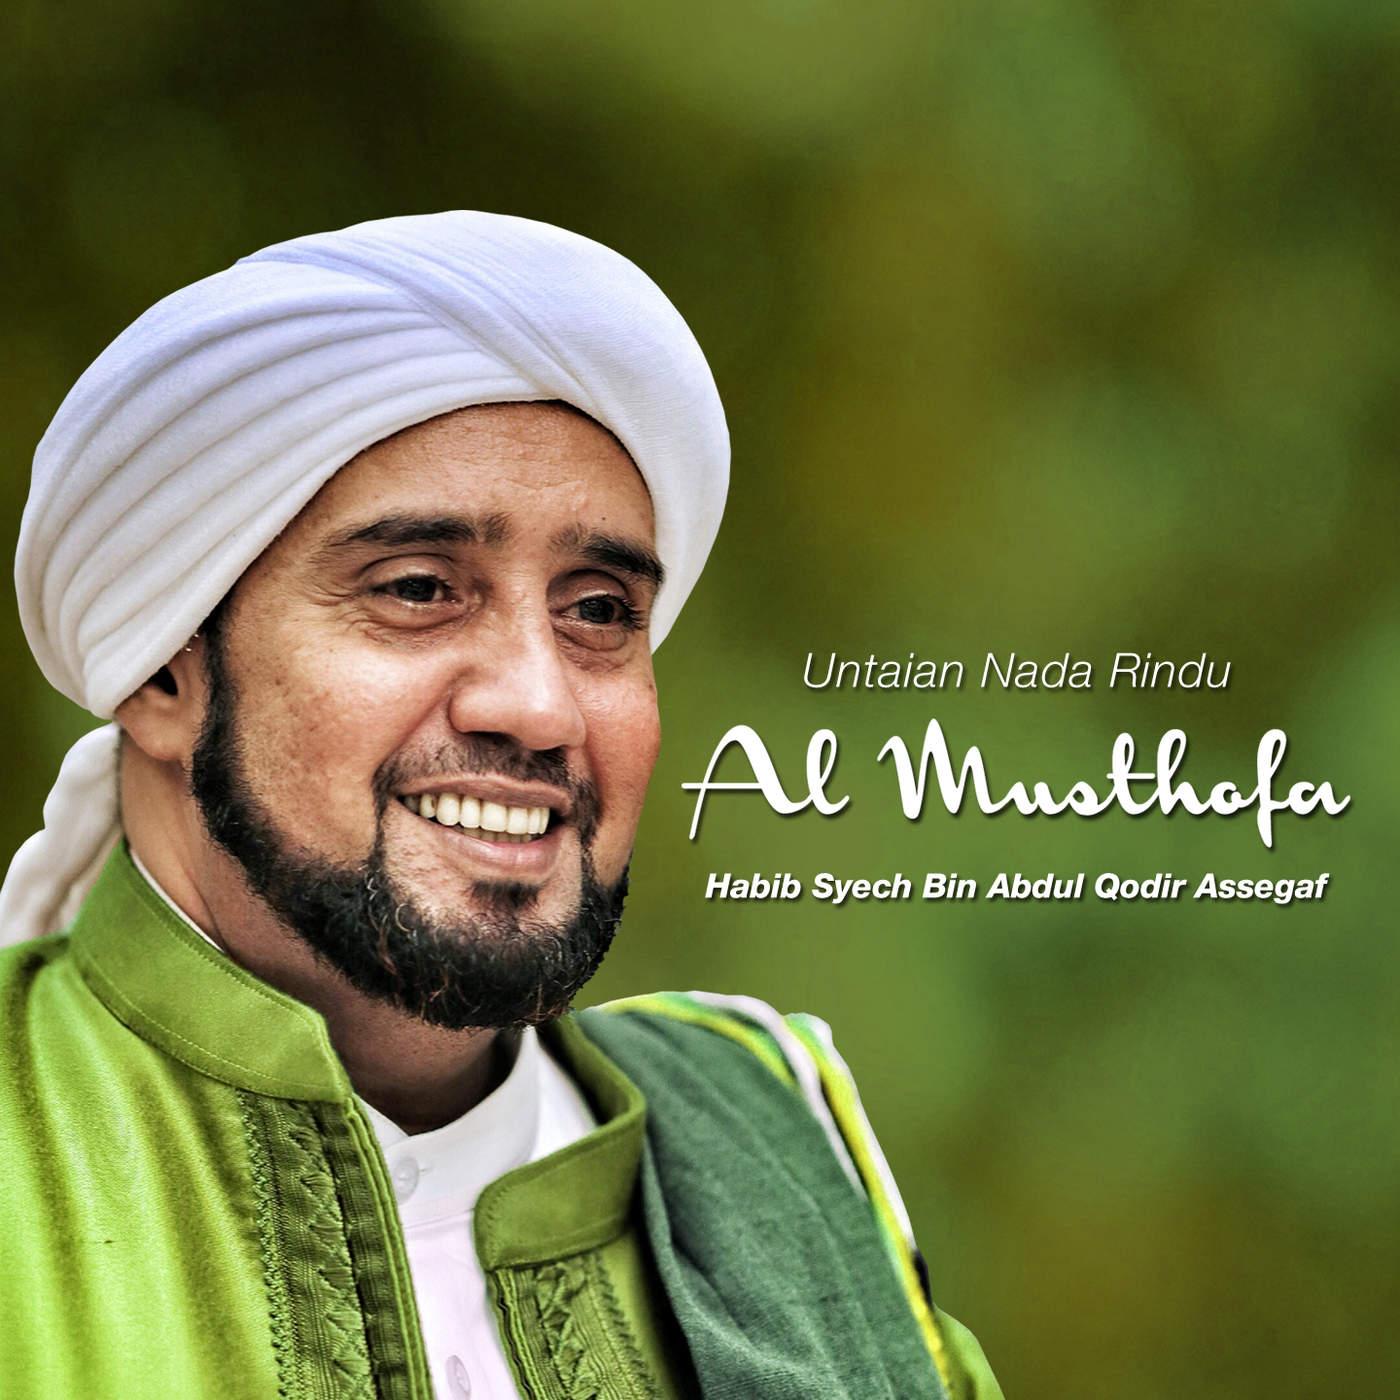 Habib Syech Bin Abdul Qodir Assegaf - Untaian Nada Rindu Al Musthafa - Album (2015) [iTunes Plus AAC M4A]